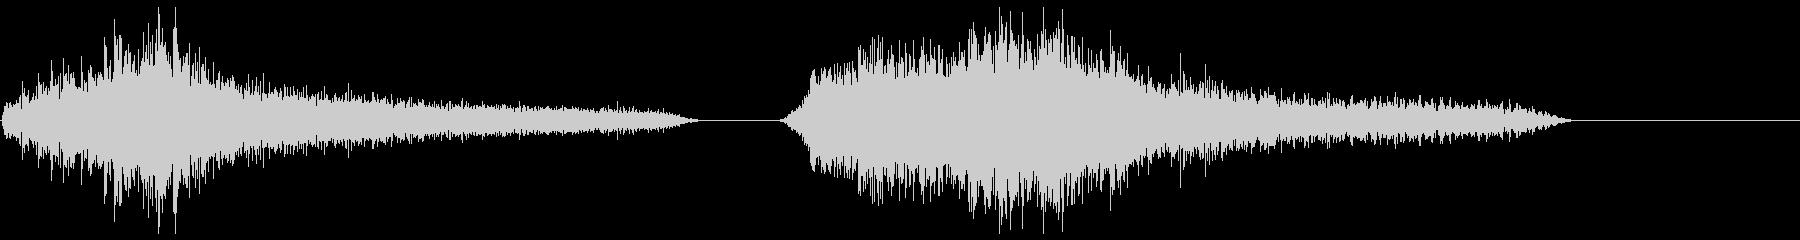 メタルドラムスティックX2の未再生の波形